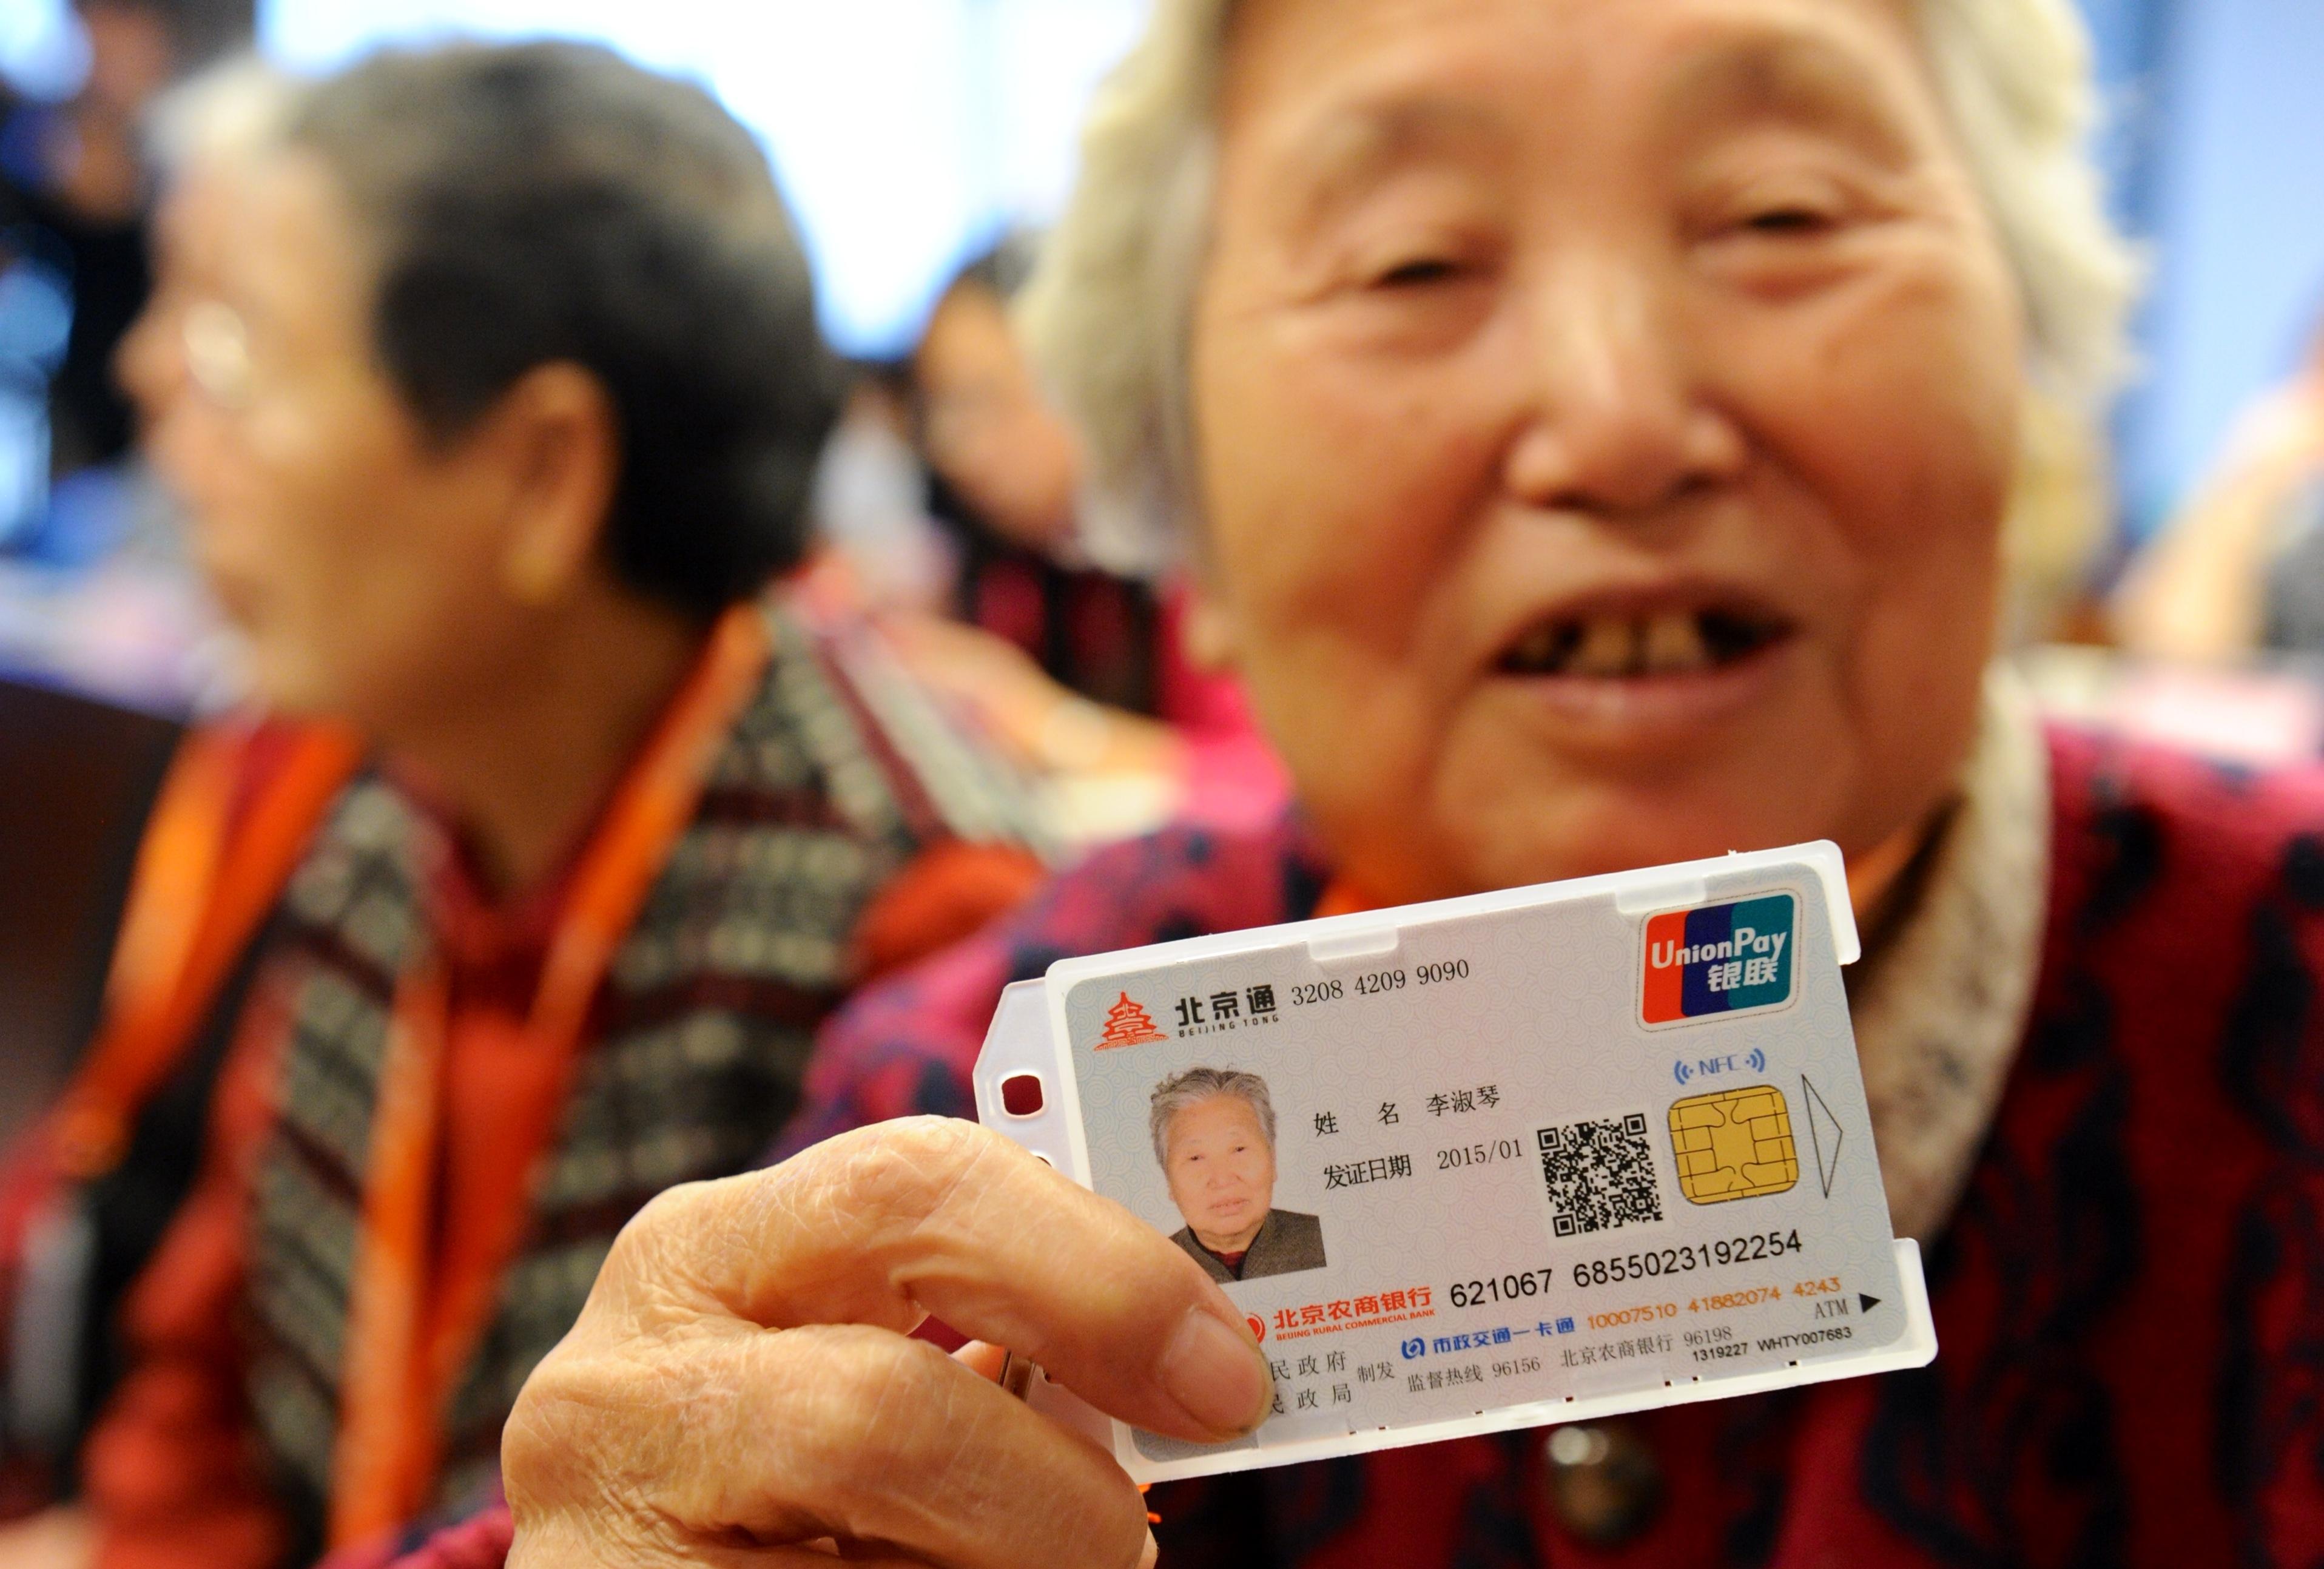 北京老年人优待证_6064周岁老年人优待证首页北京市昌平区民